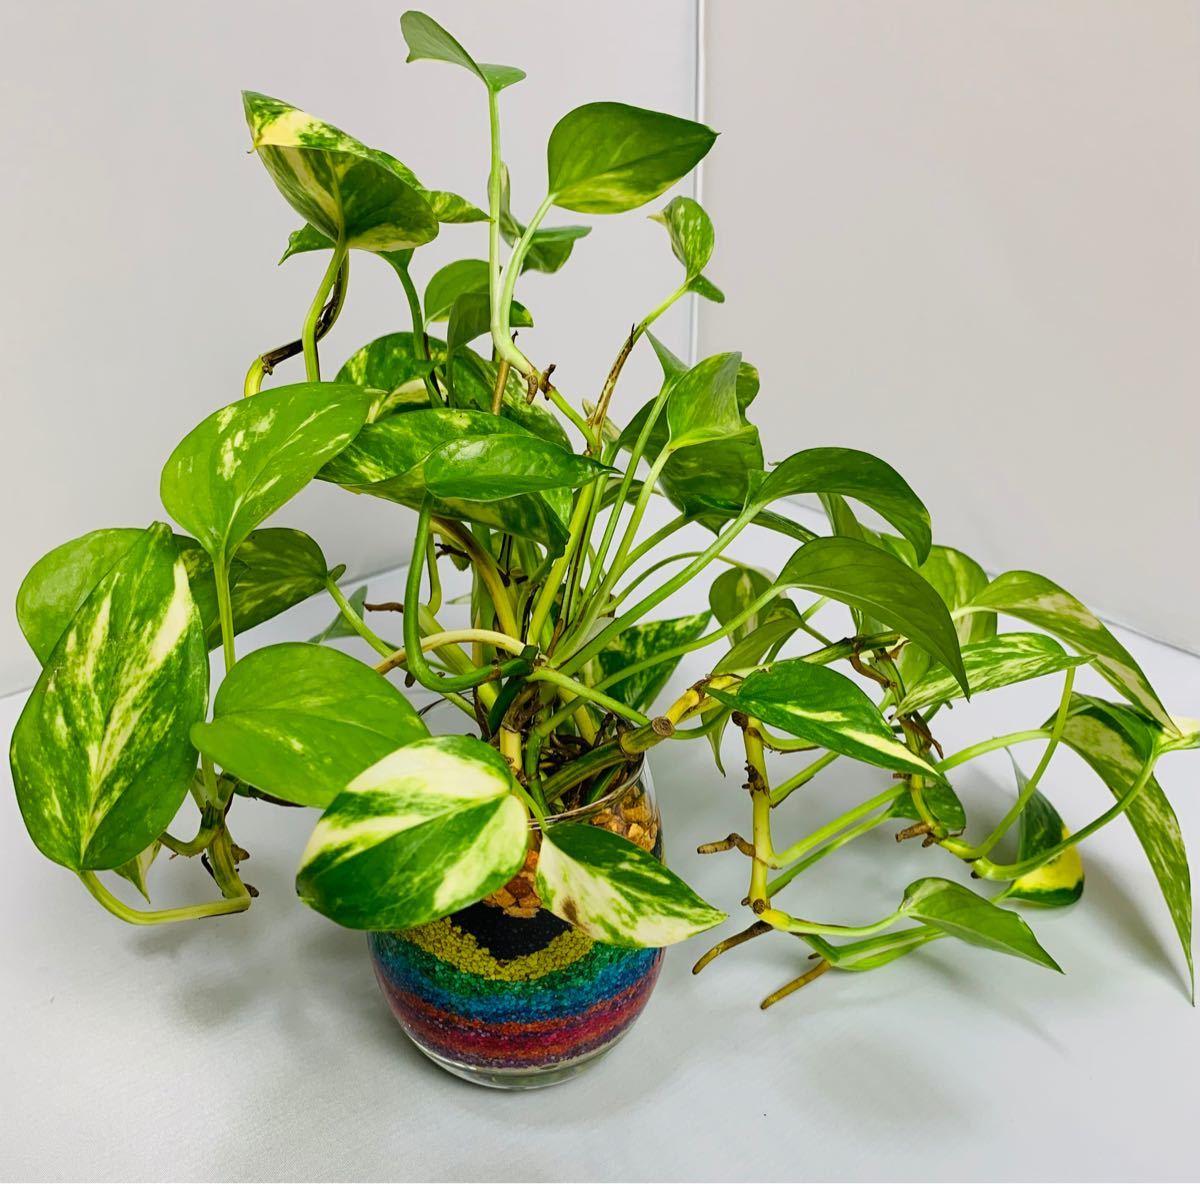 ポトス ハイドロカルチャー 特大 カラーサンドアート 観葉植物